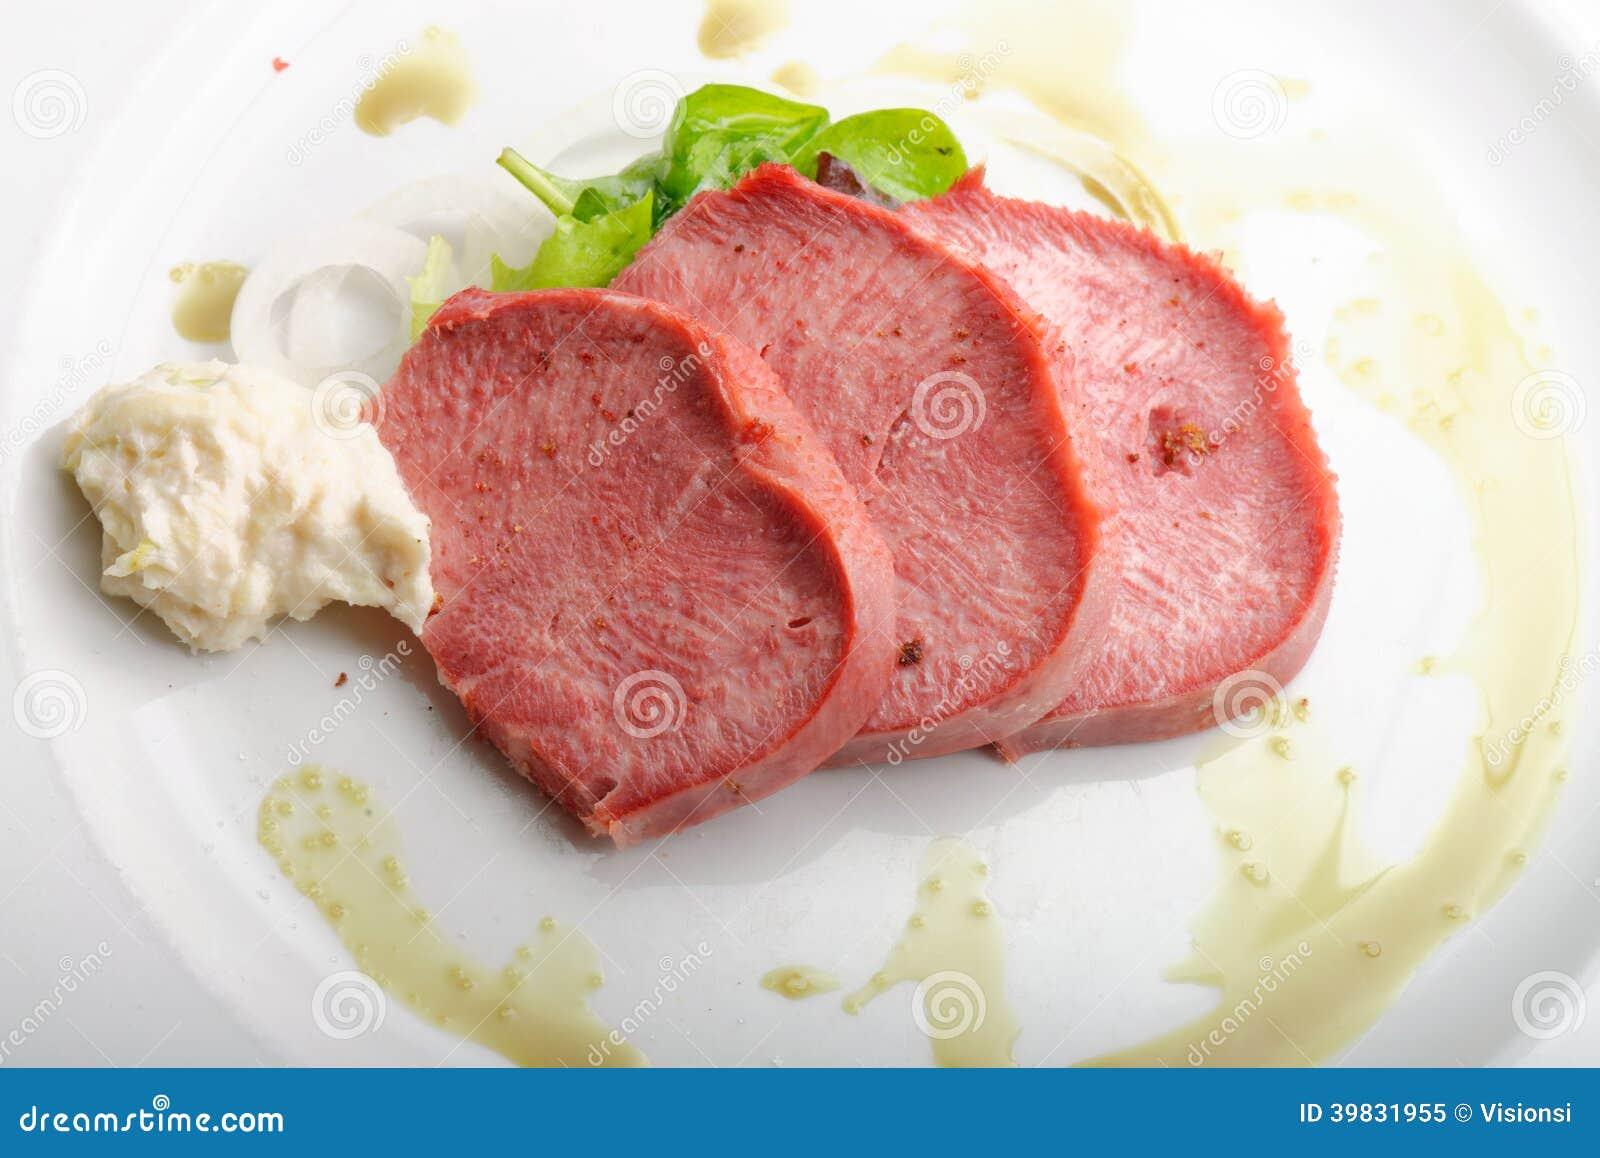 Langue de boeuf fum e avec le raifort photo stock image - Cuisiner langue de boeuf ...